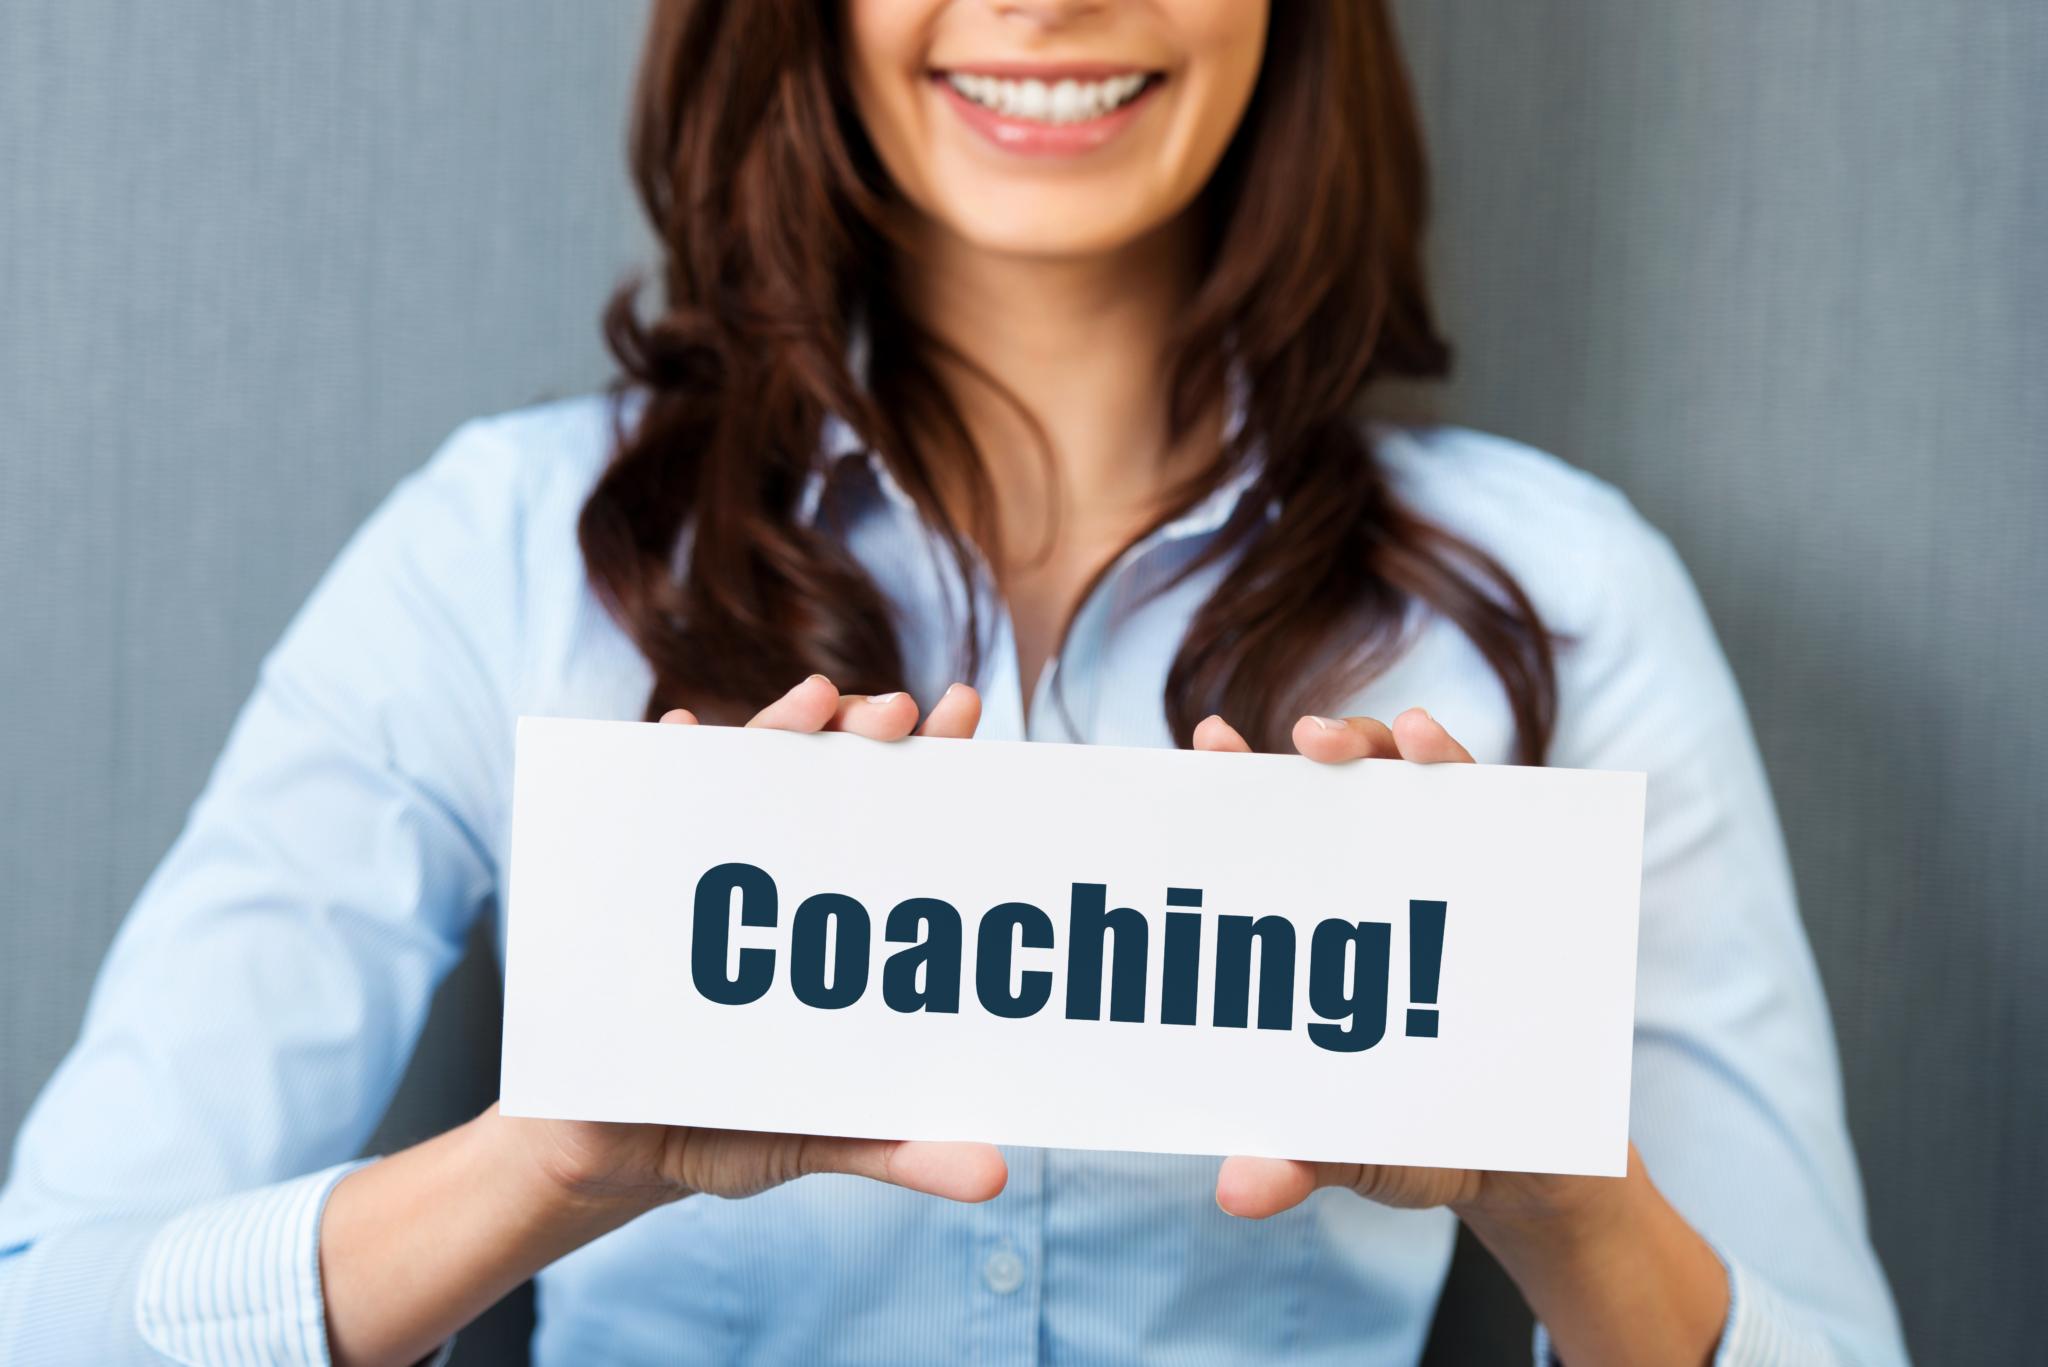 Als Coach selbstständig machen – Die 5 besten Tipps für den Start in dein Coaching-Business